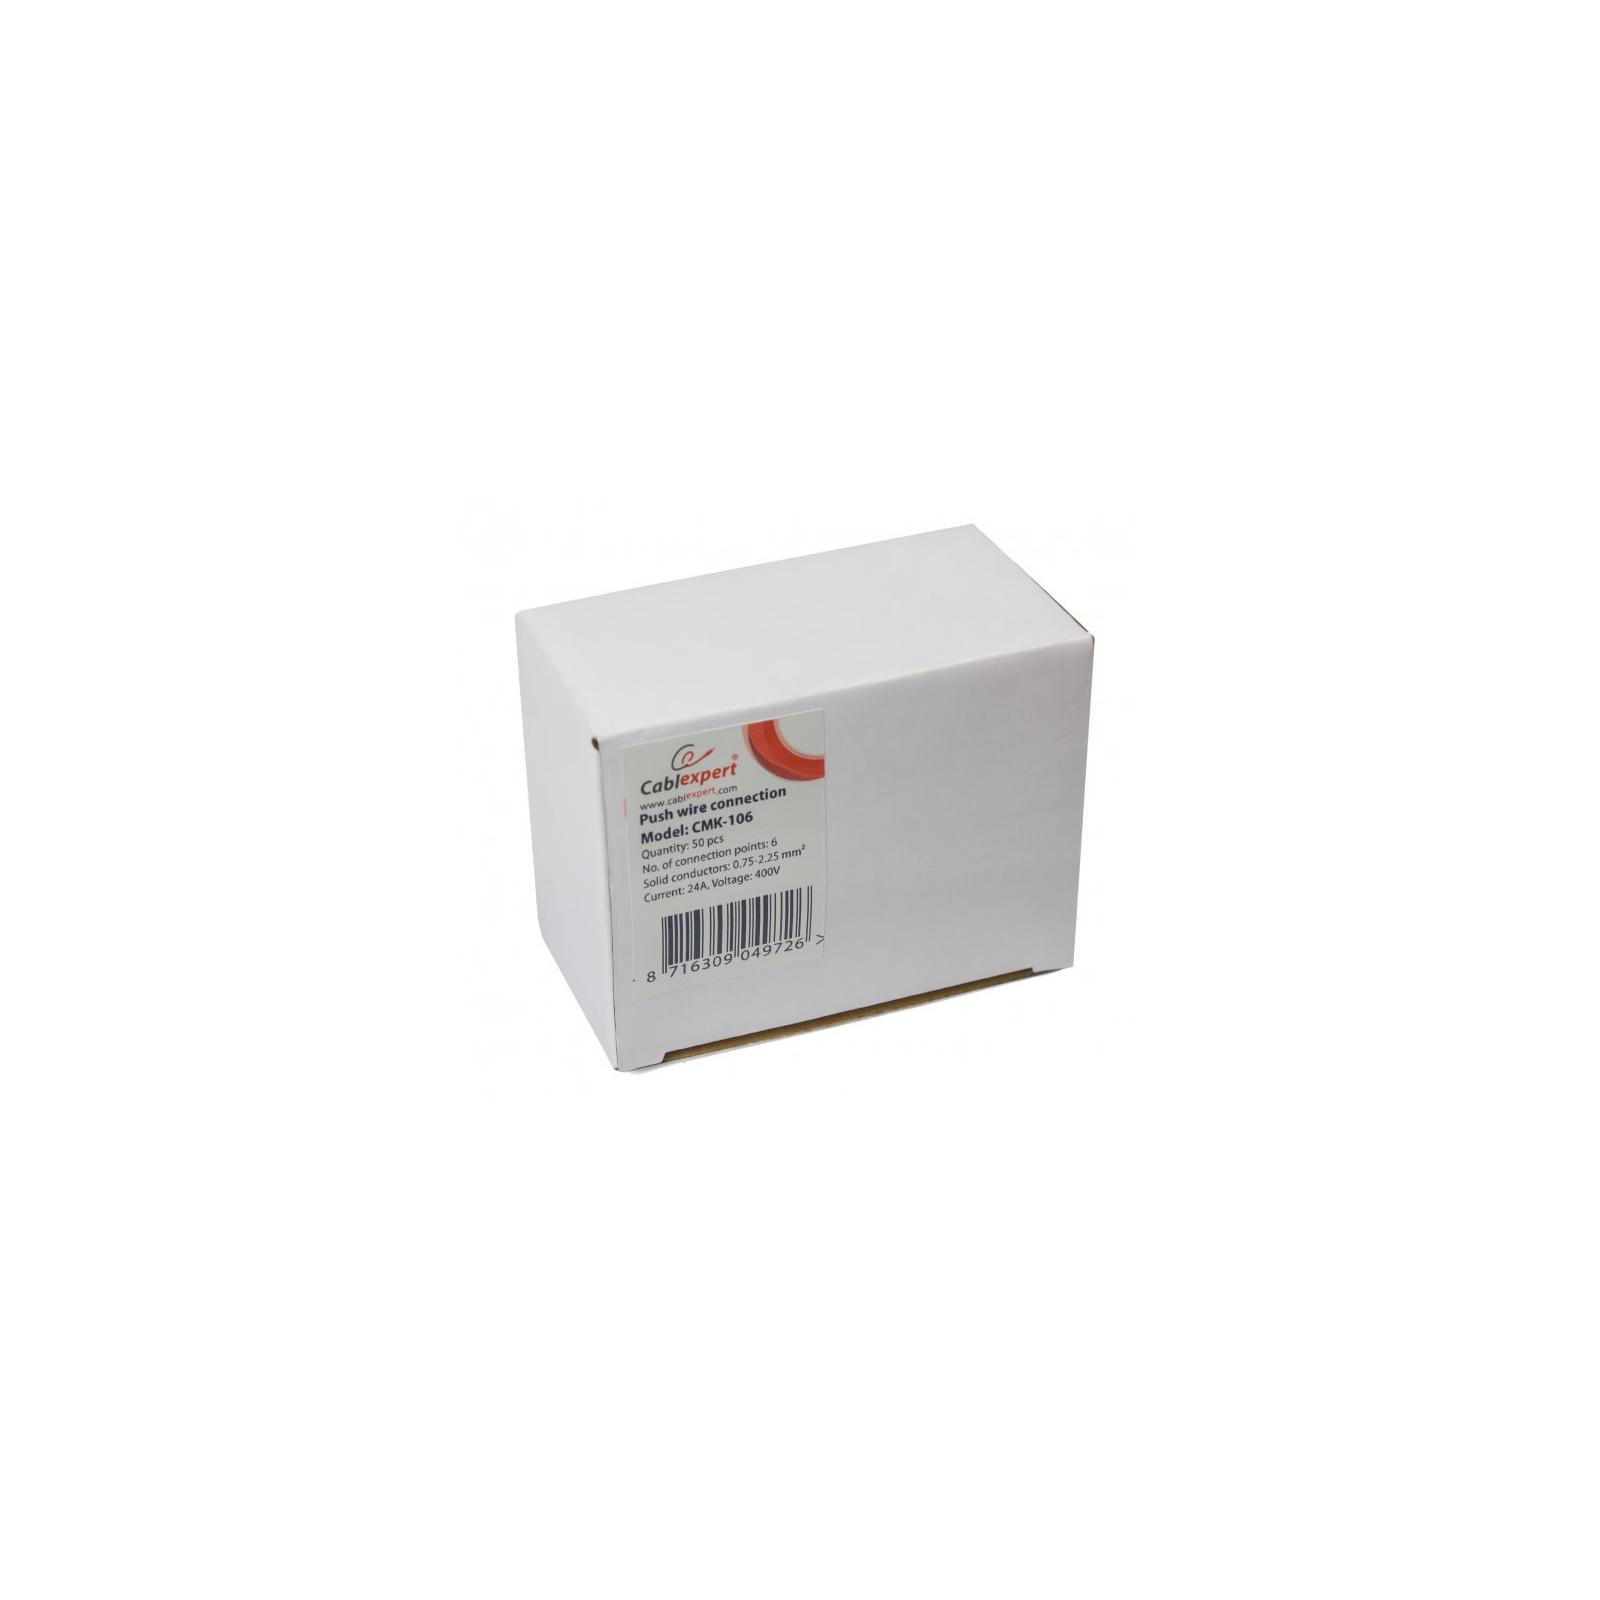 Средства монтажа Коннектор CMK-106 Cablexpert (CMK-106) изображение 2